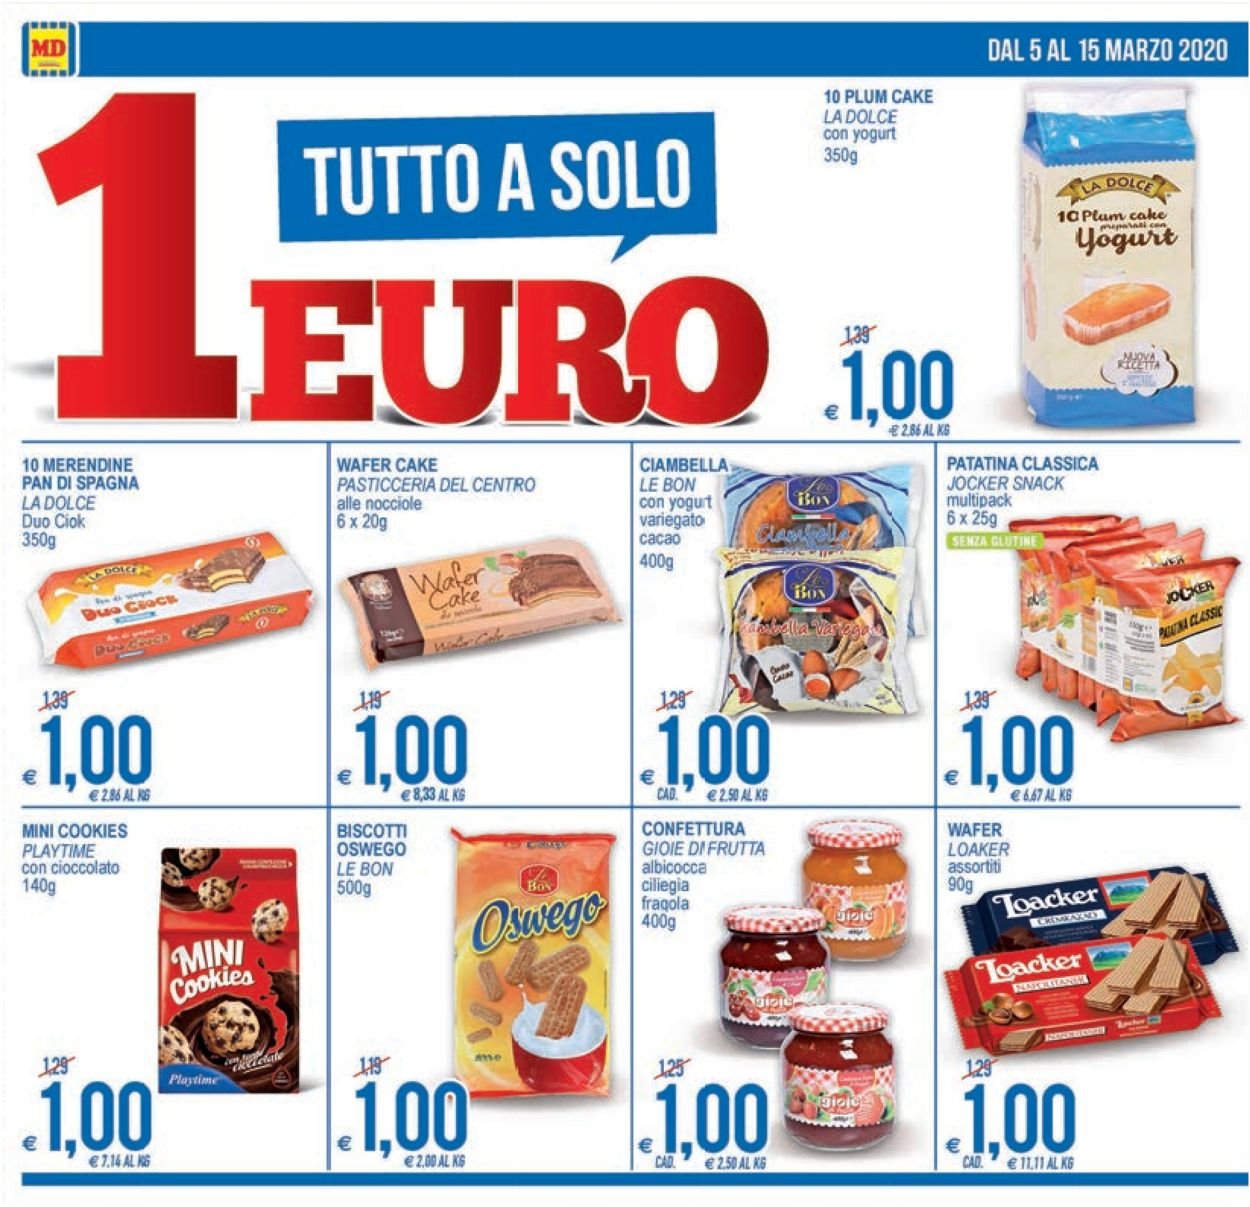 Volantino MD Discount - Offerte 05/03-15/03/2020 (Pagina 6)